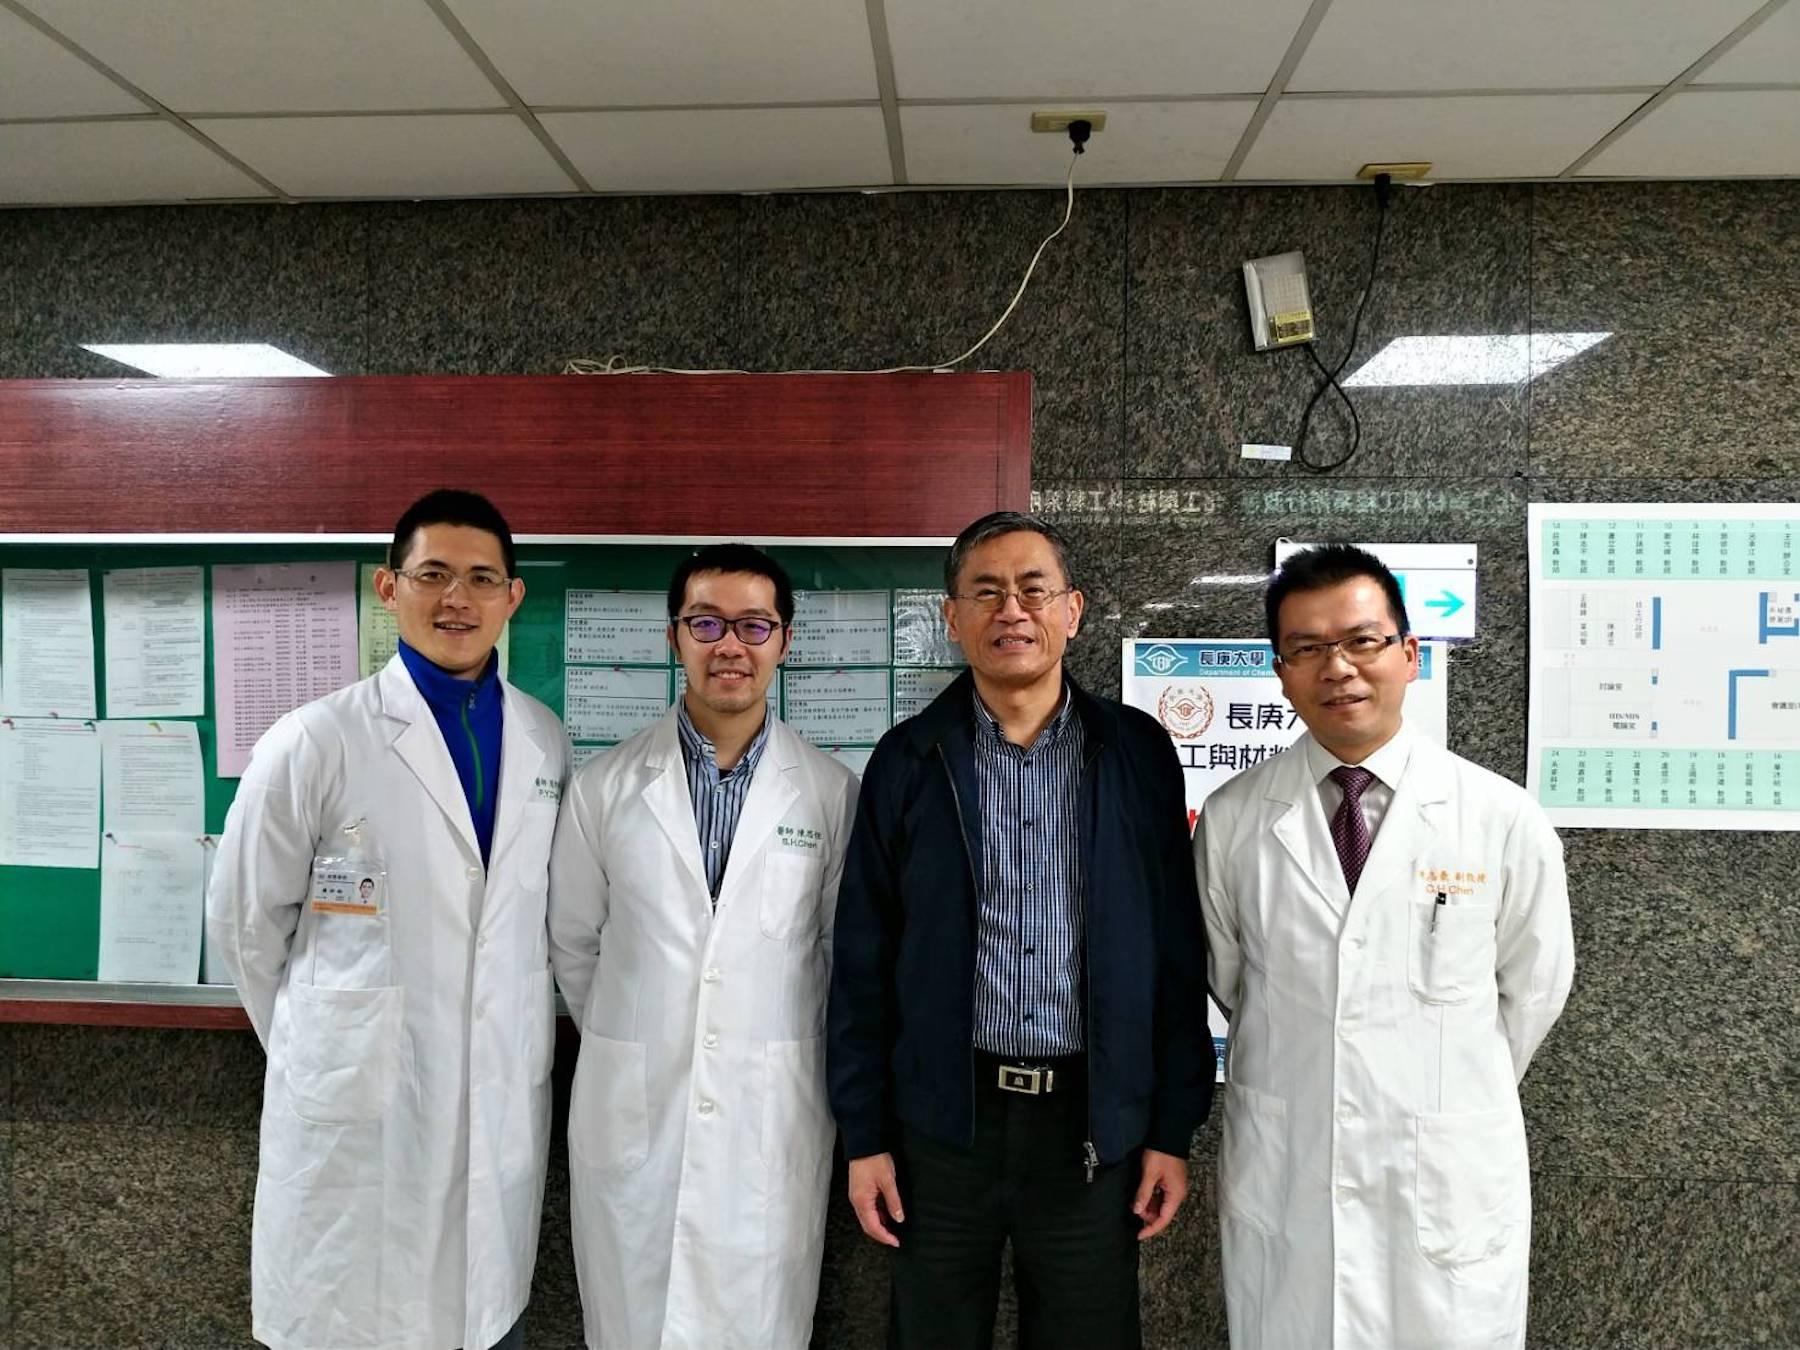 創新研發團隊於化材實驗室外合影(左一)周邦昀醫師、(左二)陳思恒醫師、(右一)陳志豪醫師及(右二)陳志平教授。